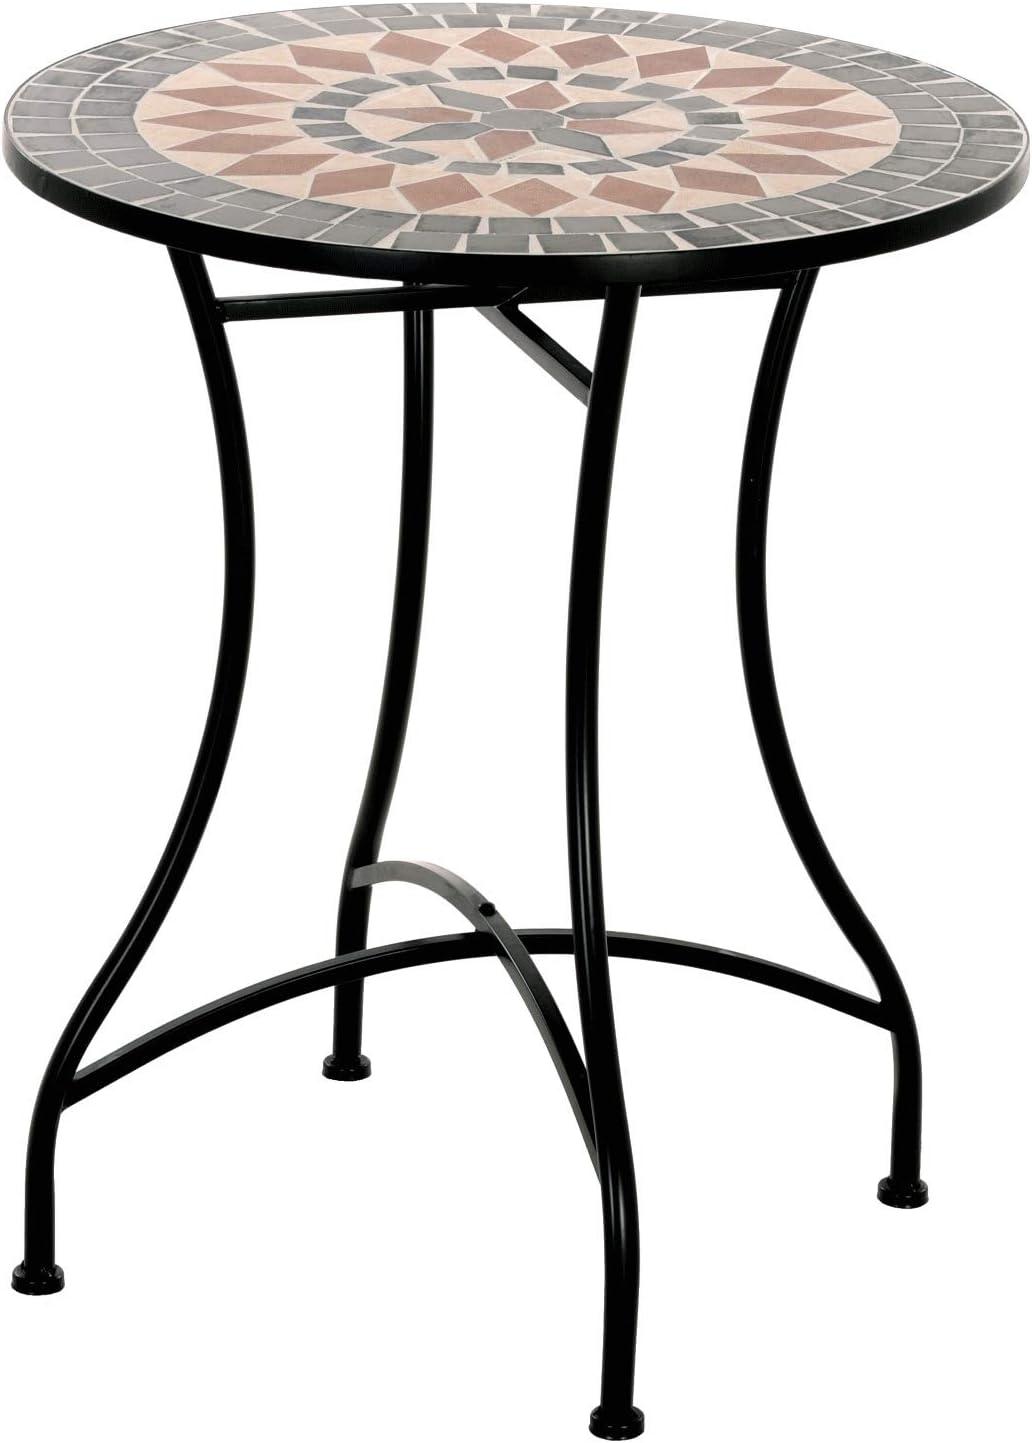 MACOShopde by MACO M/öbel Mosaik Gartentisch Mosaiktisch Pia rund /ø 60 Balkon//Terrassen-Tisch mit einzigartigem Muster Mehrfarbig Stahl